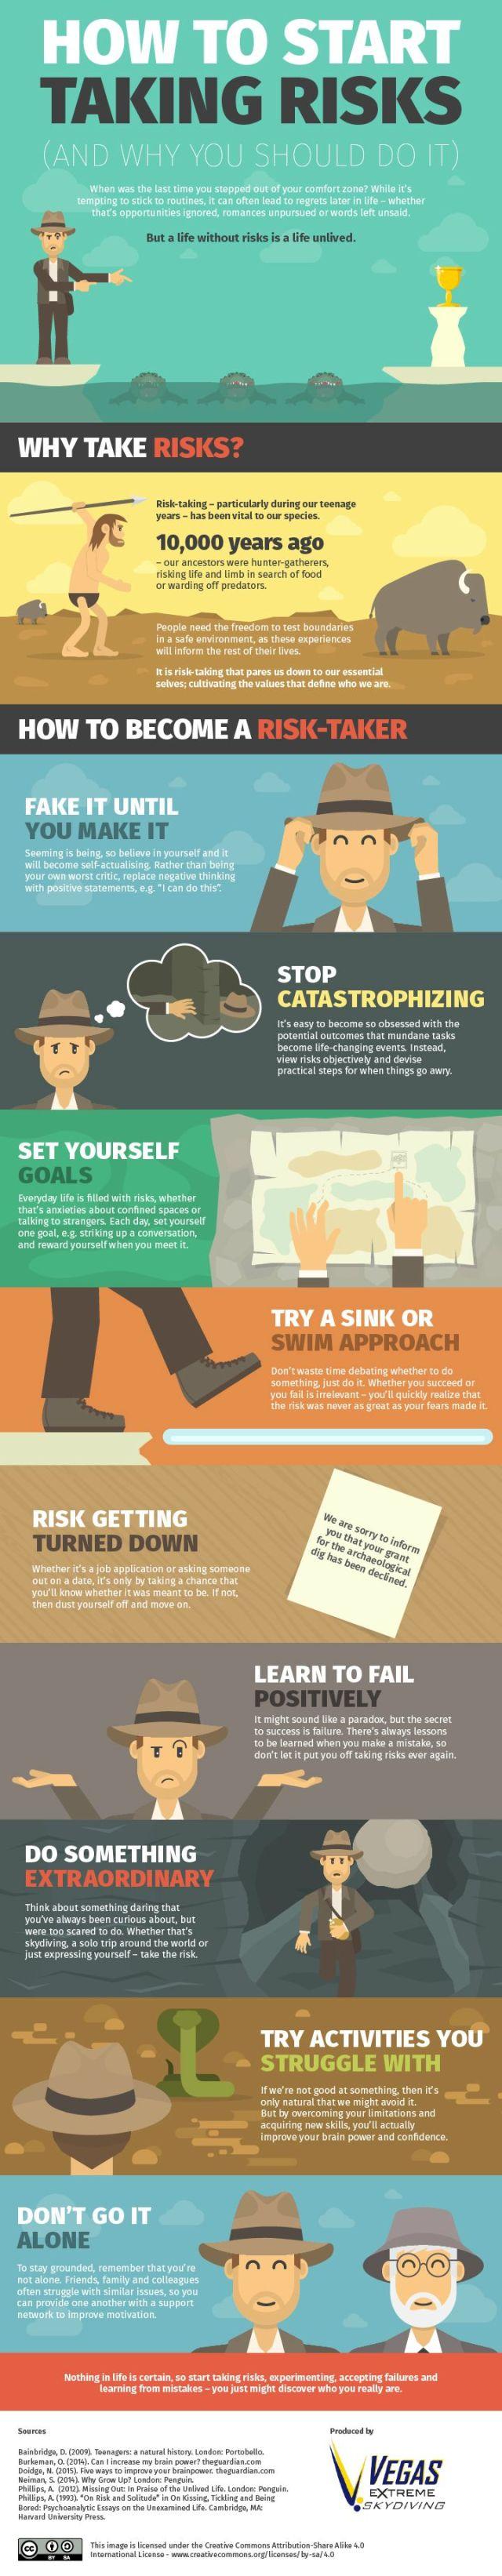 How to Start Taking Risks